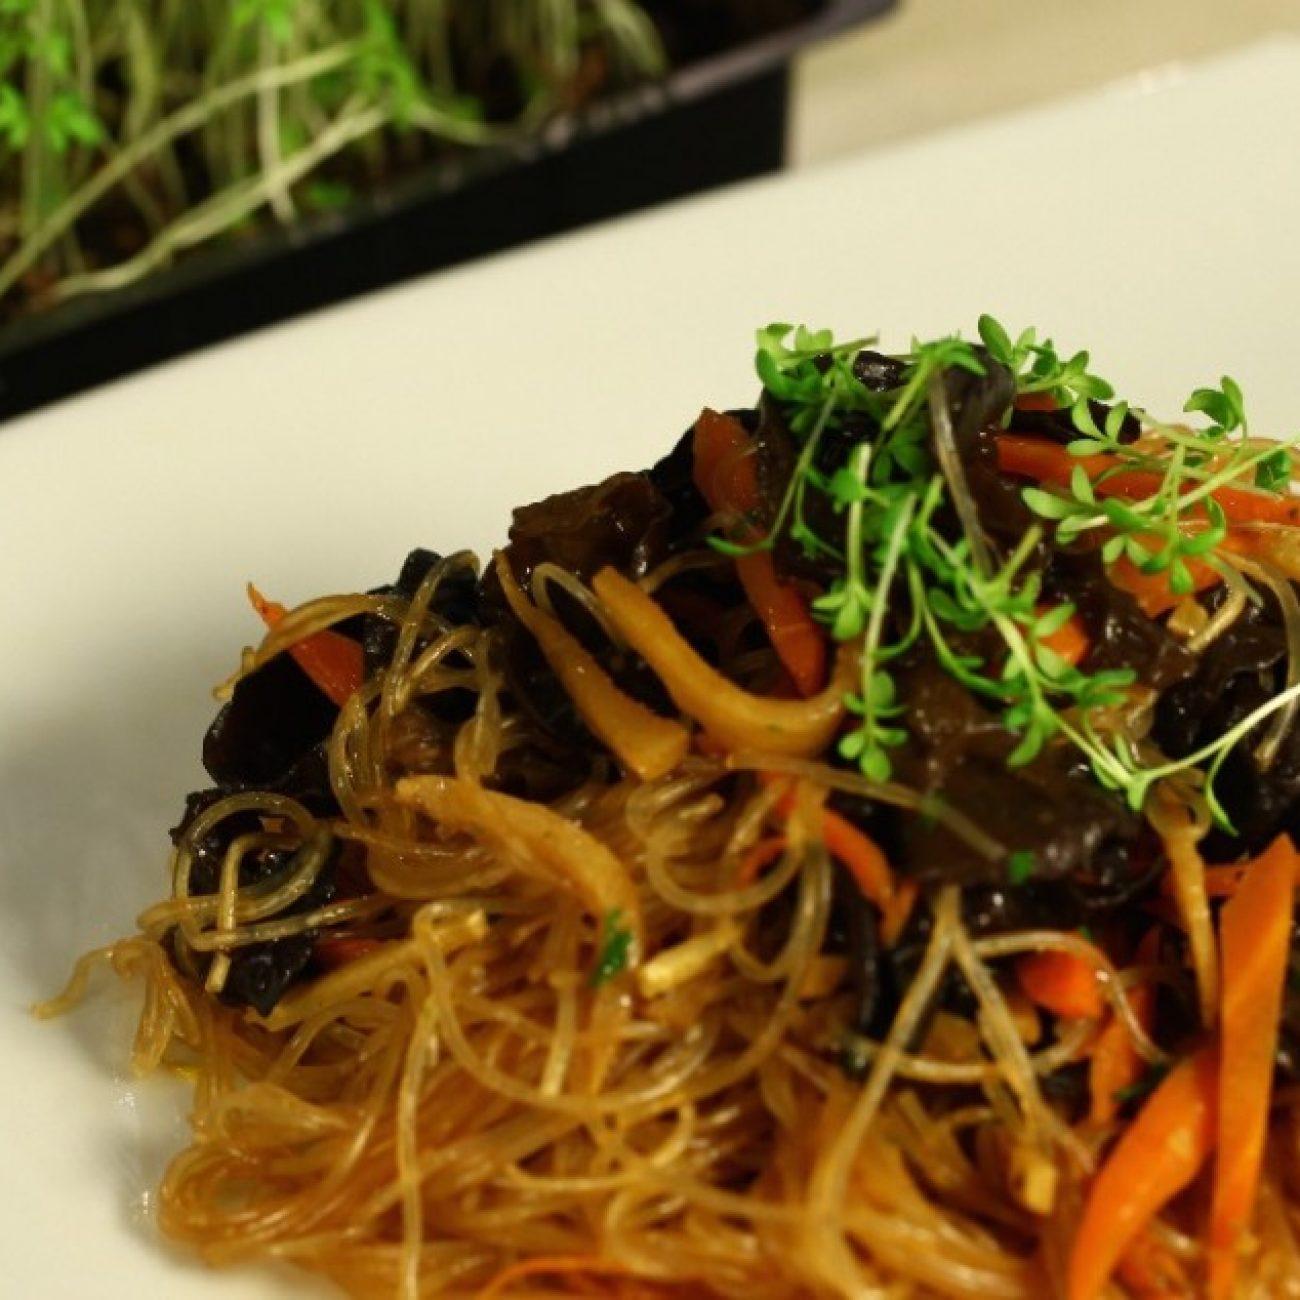 Fafülgombás-bambuszrügyes fitt saláta üvegtésztával (hidegen)